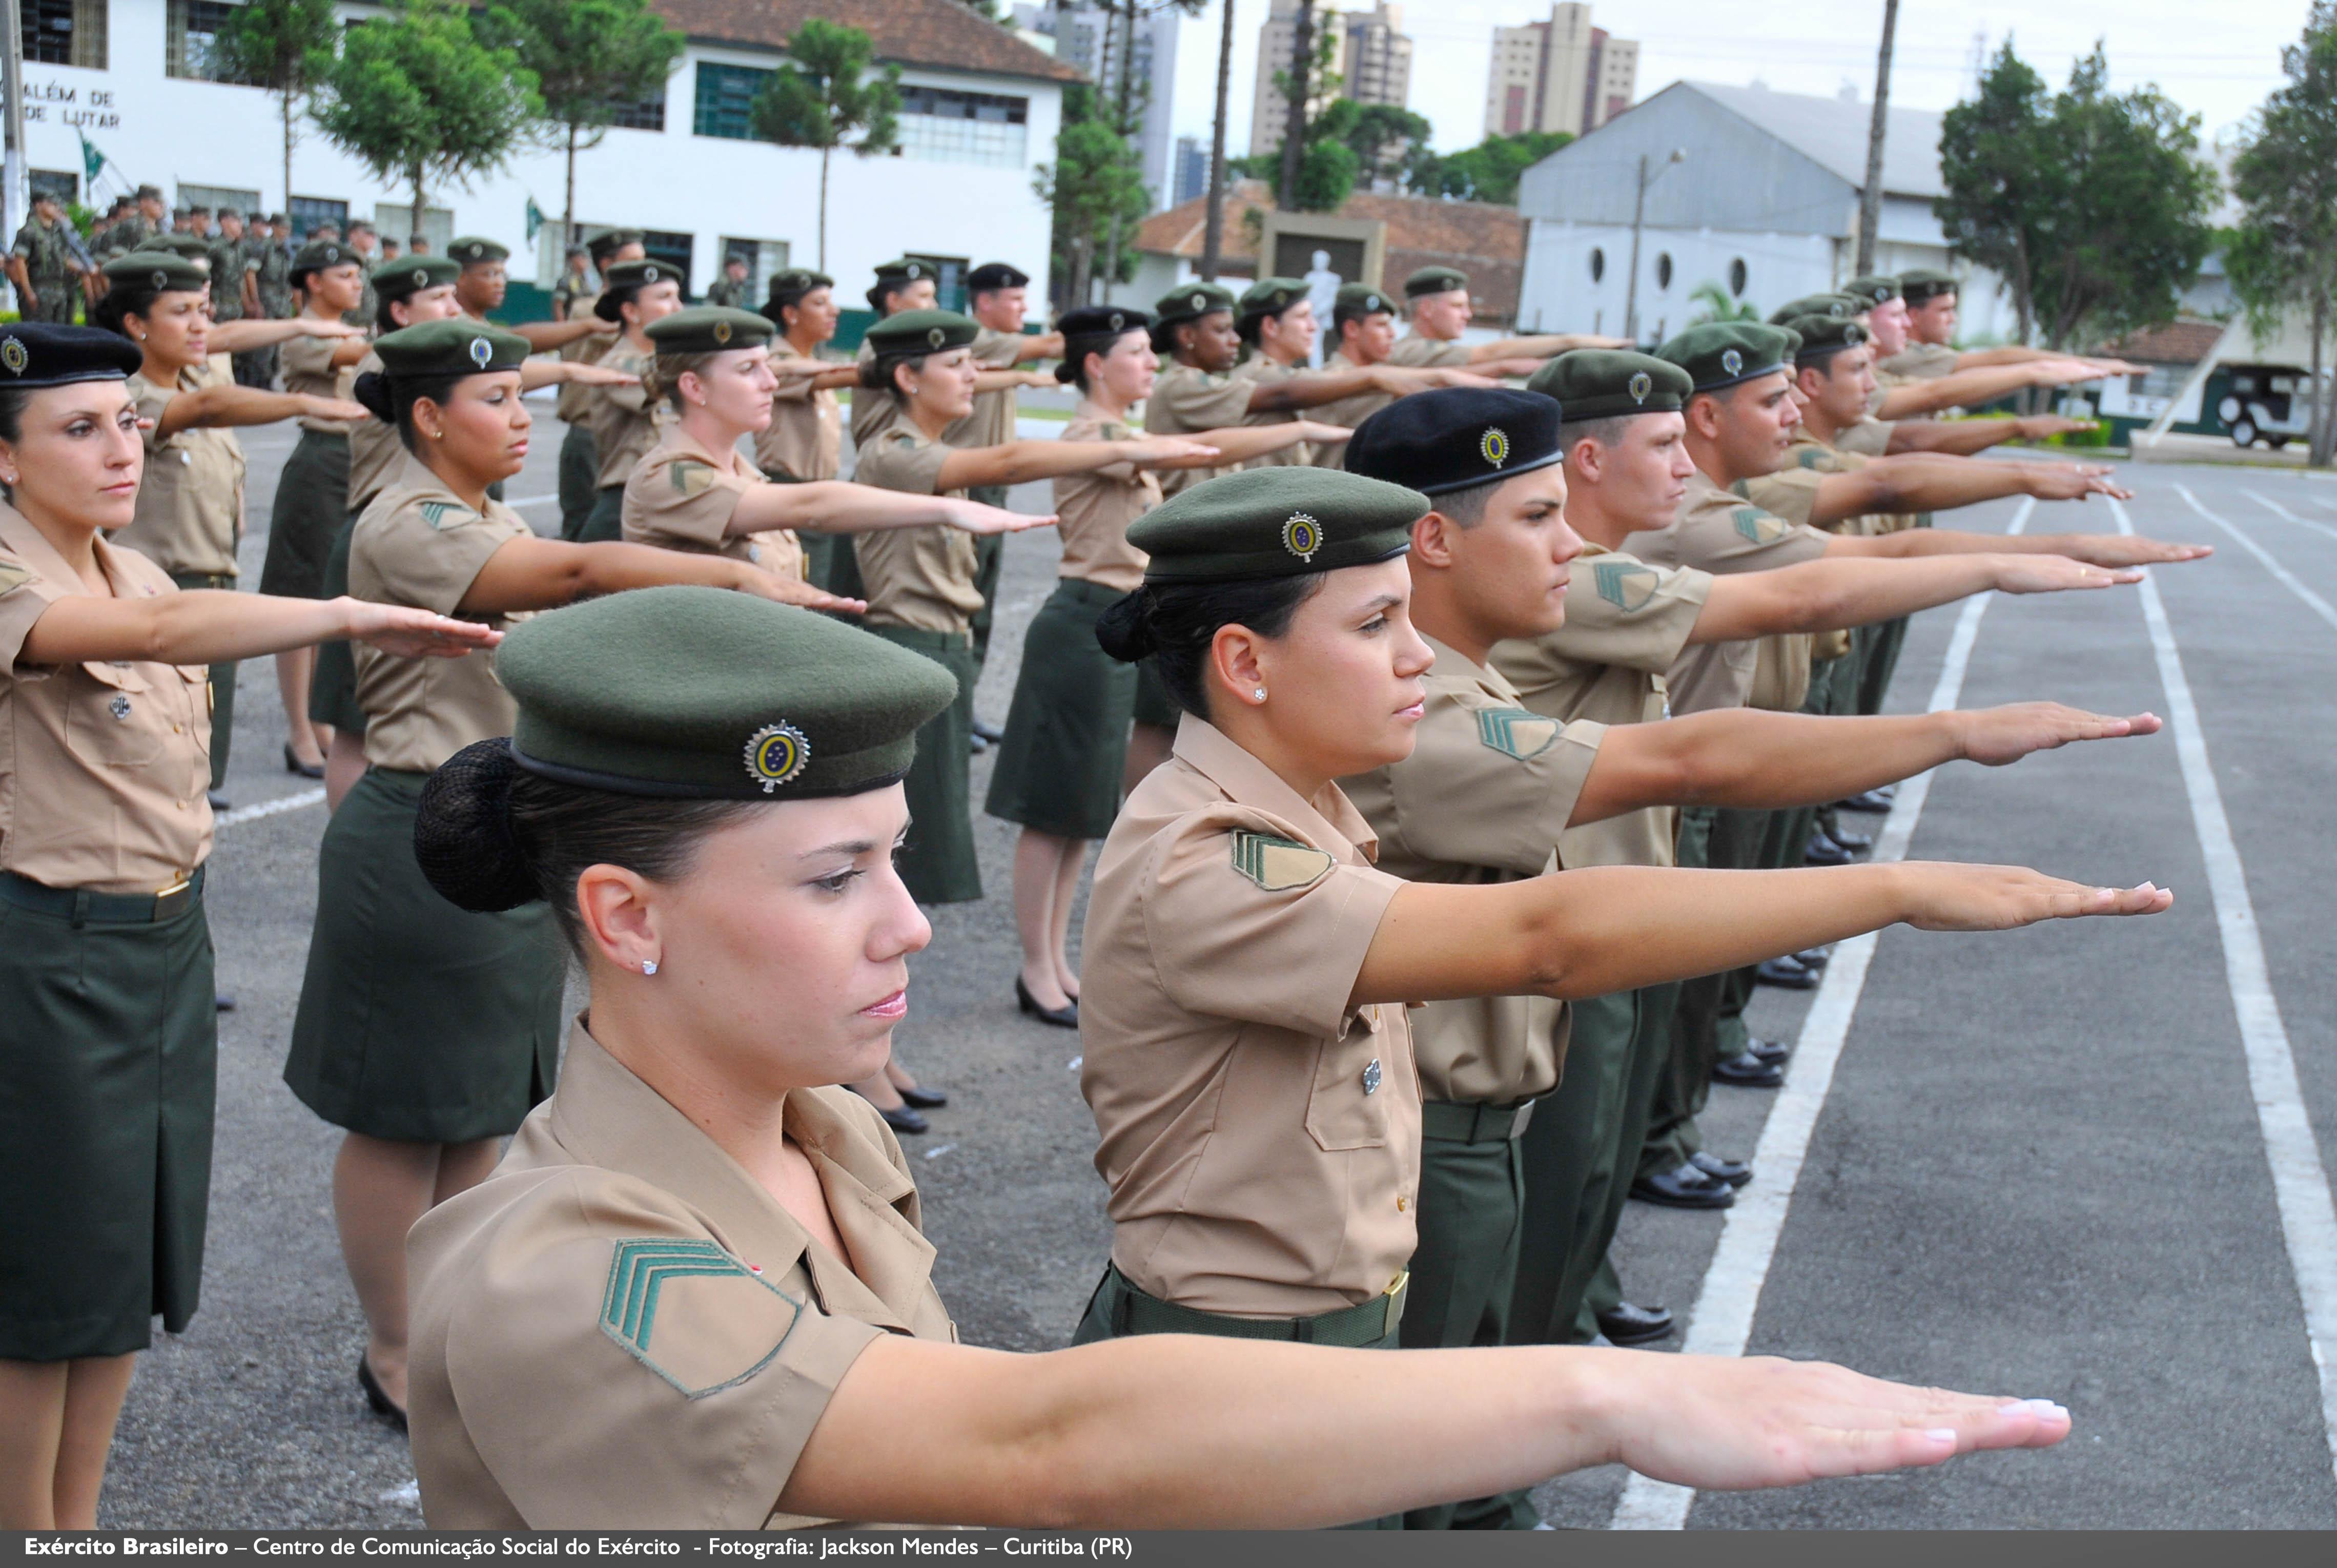 Jackson Mendes/Exército Brasileiro